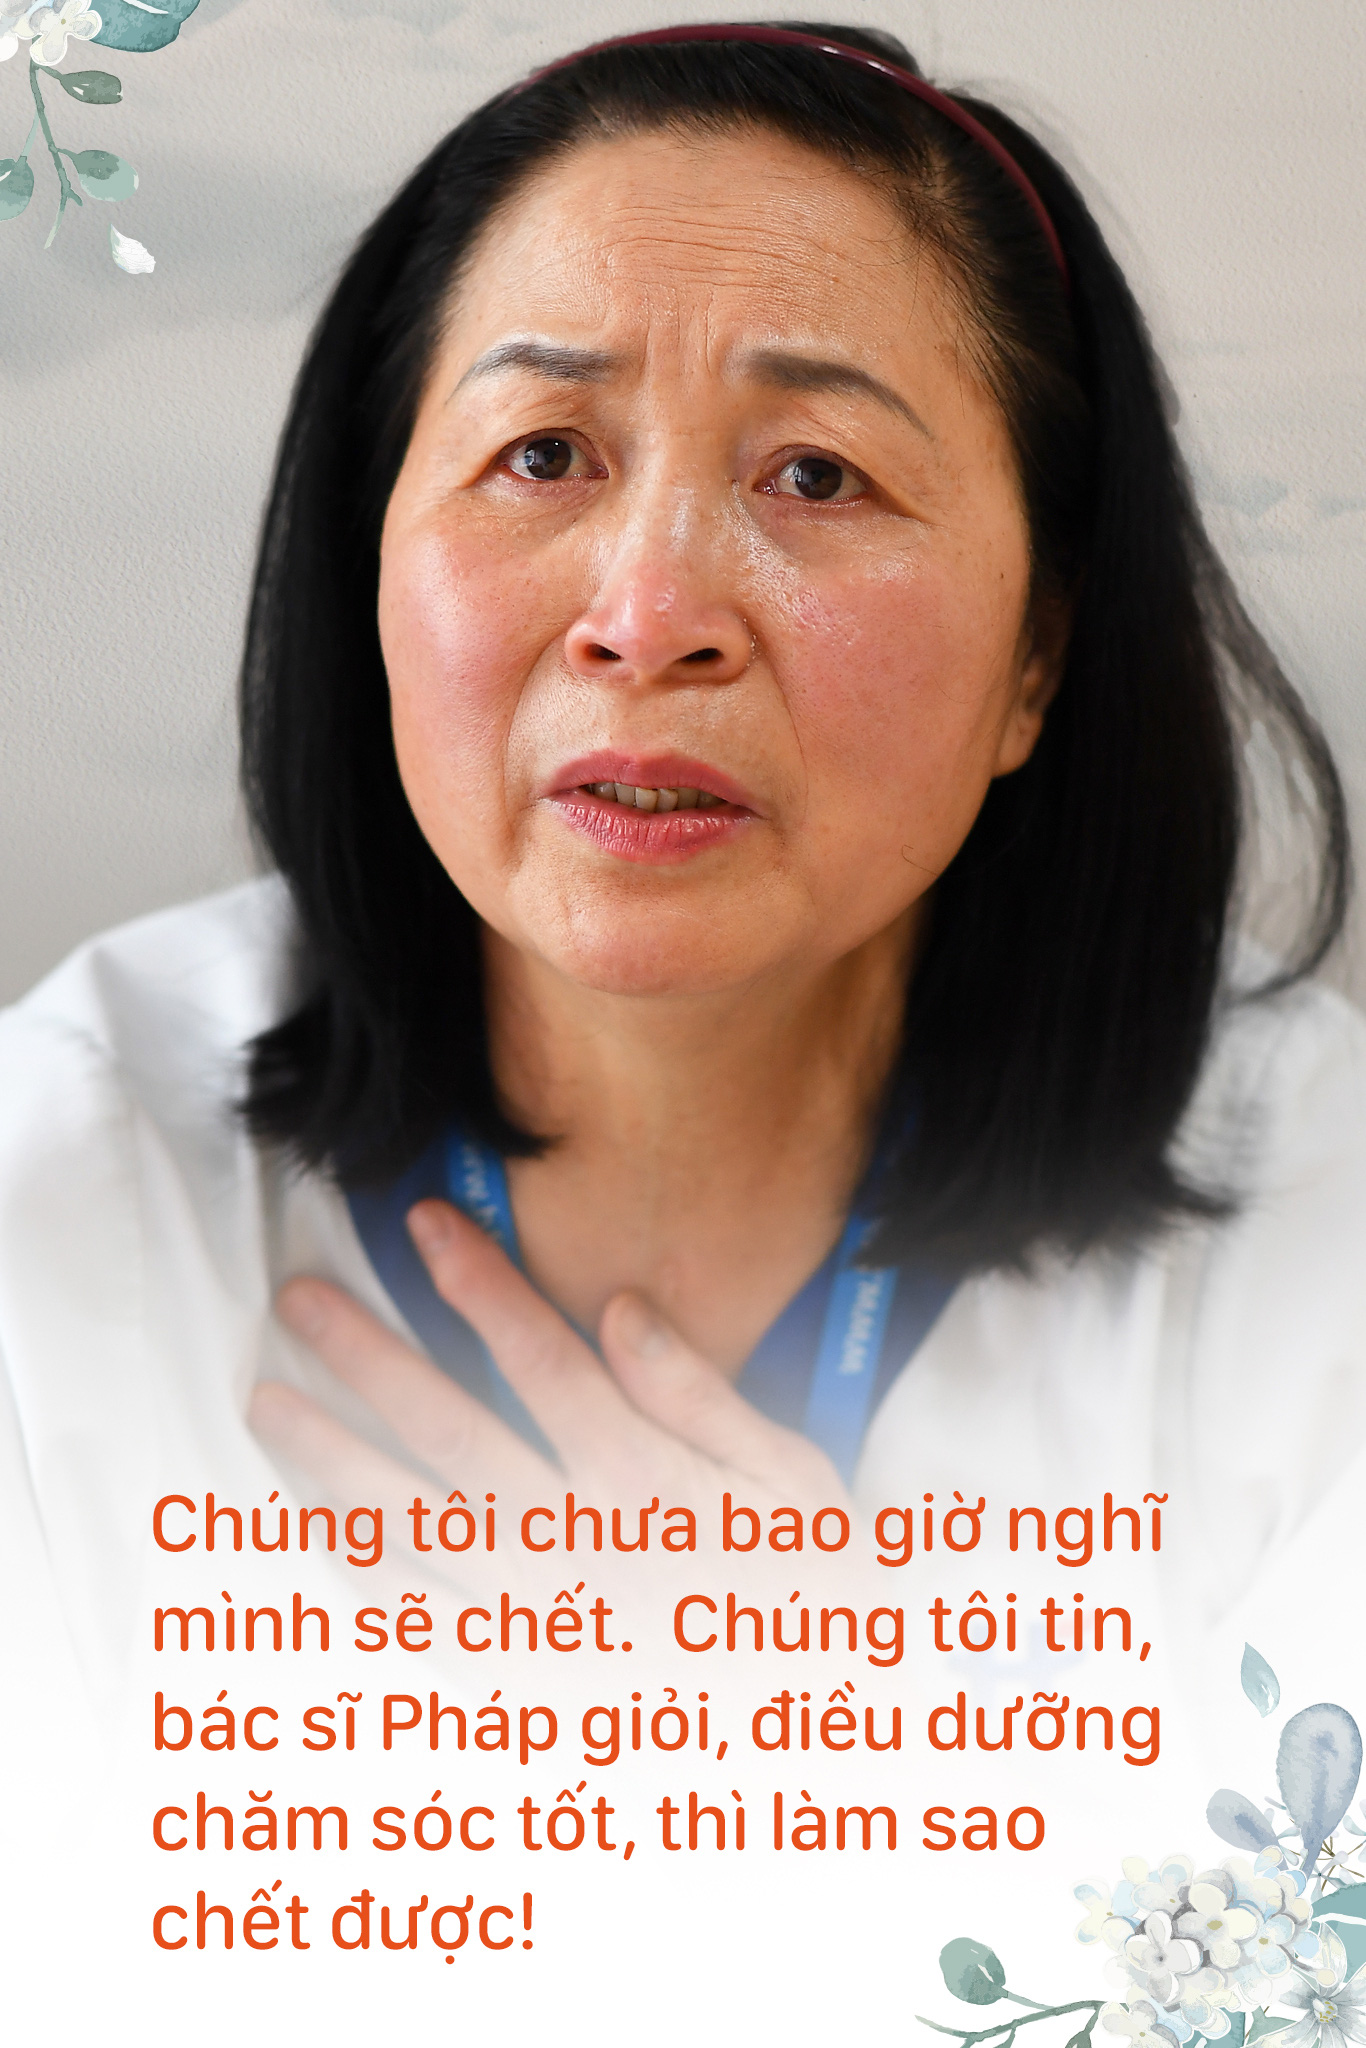 Nữ y tá Việt Nam và câu nói của phóng viên quốc tế: Tất cả những người phải thở máy không một ai sống sót! - Ảnh 4.